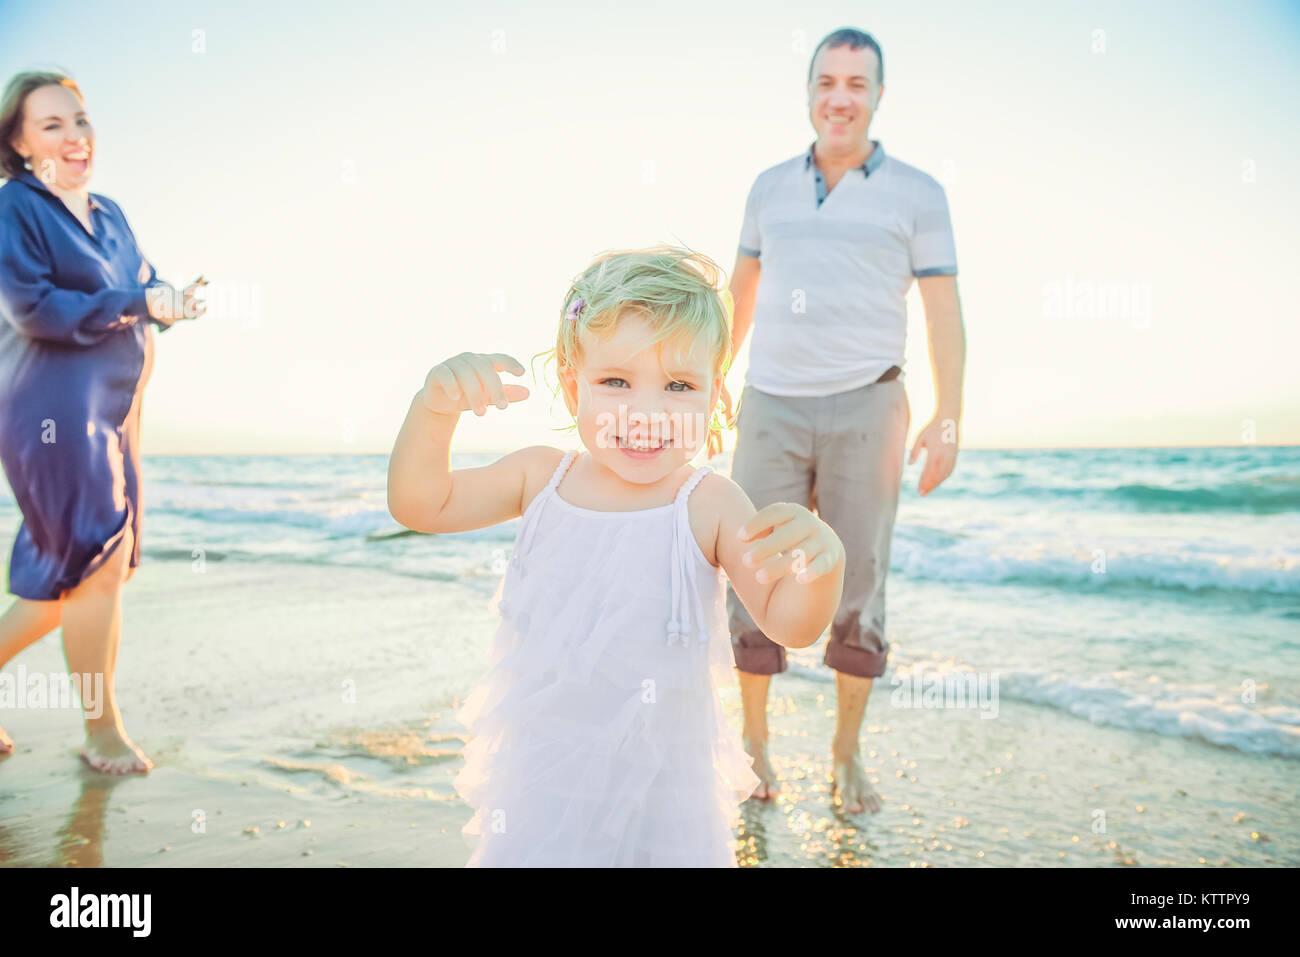 Laughing baby Ragazza che corre in avanti con i genitori sorridente sullo sfondo. La felicità e l'armonia Immagini Stock